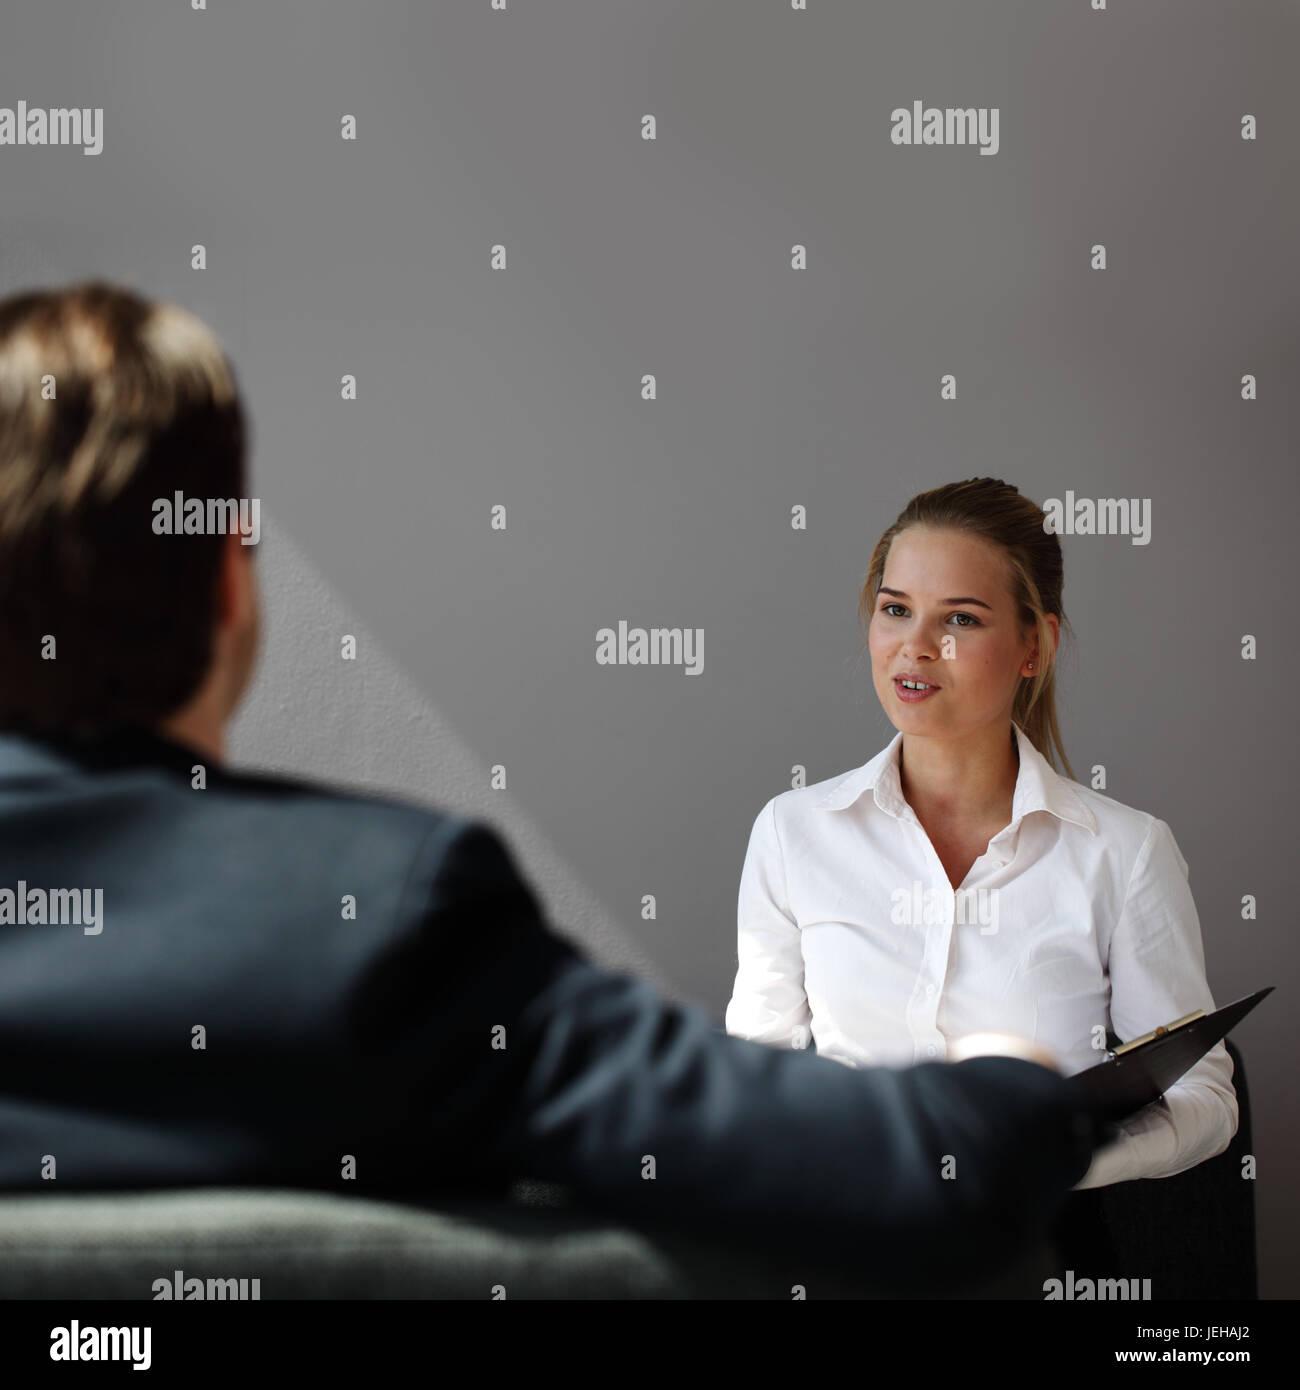 Trabajo entrevista de negocio - empresario escuchar el candidato responde Imagen De Stock